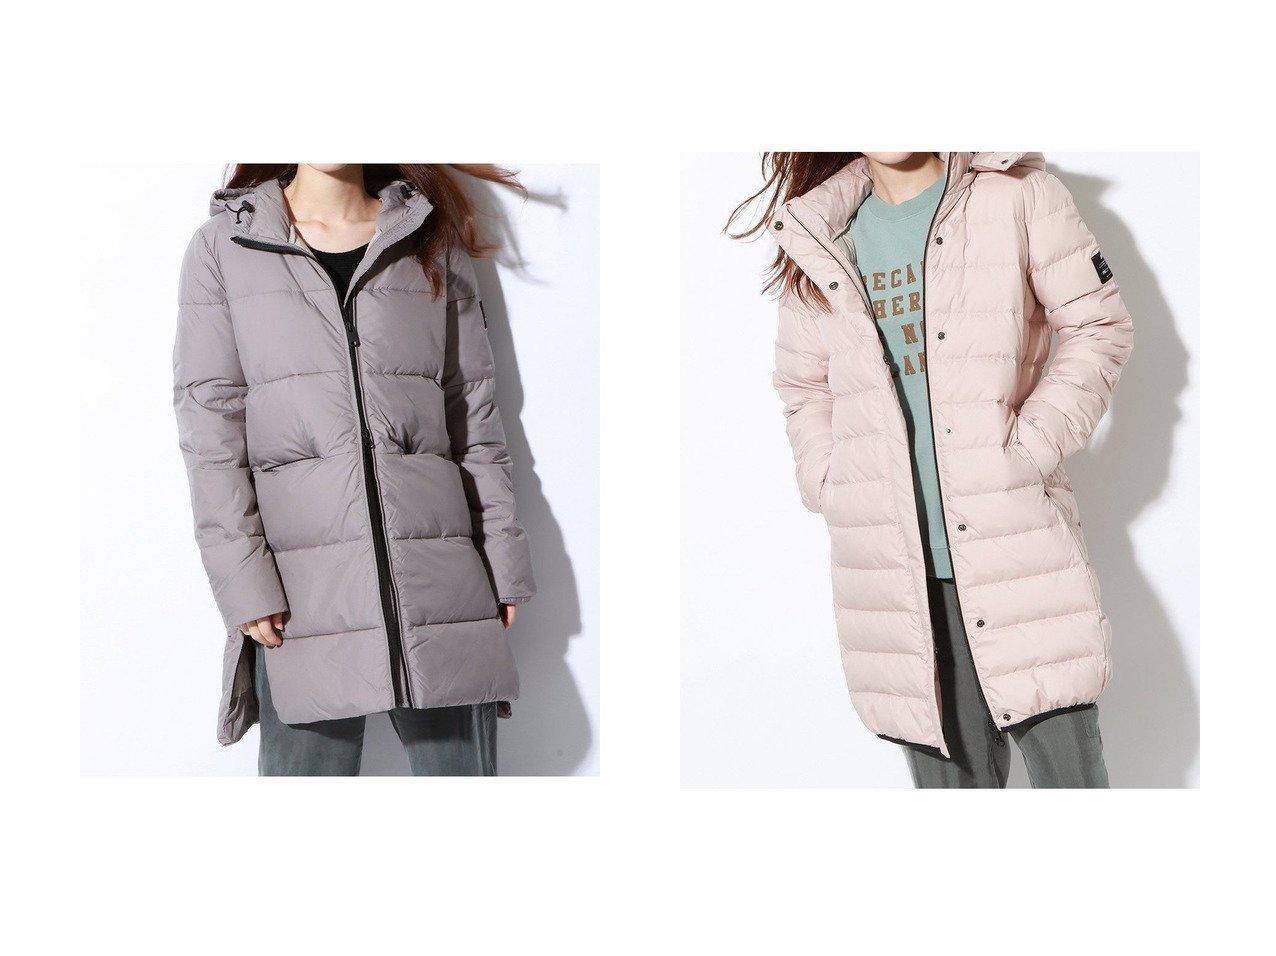 【ECOALF/エコアルフ】のUMA スリム ダウンコート UMA COAT WOMAN&MARANGU ダウンコート MARANGU COAT WOMAN アウターのおすすめ!人気、レディースファッションの通販  おすすめで人気のファッション通販商品 インテリア・家具・キッズファッション・メンズファッション・レディースファッション・服の通販 founy(ファニー) https://founy.com/ ファッション Fashion レディース WOMEN アウター Coat Outerwear コート Coats ダウン Down Coats And Jackets イレギュラーヘム サイドジップ ダウン フロント ポケット ミドル  ID:crp329100000000132